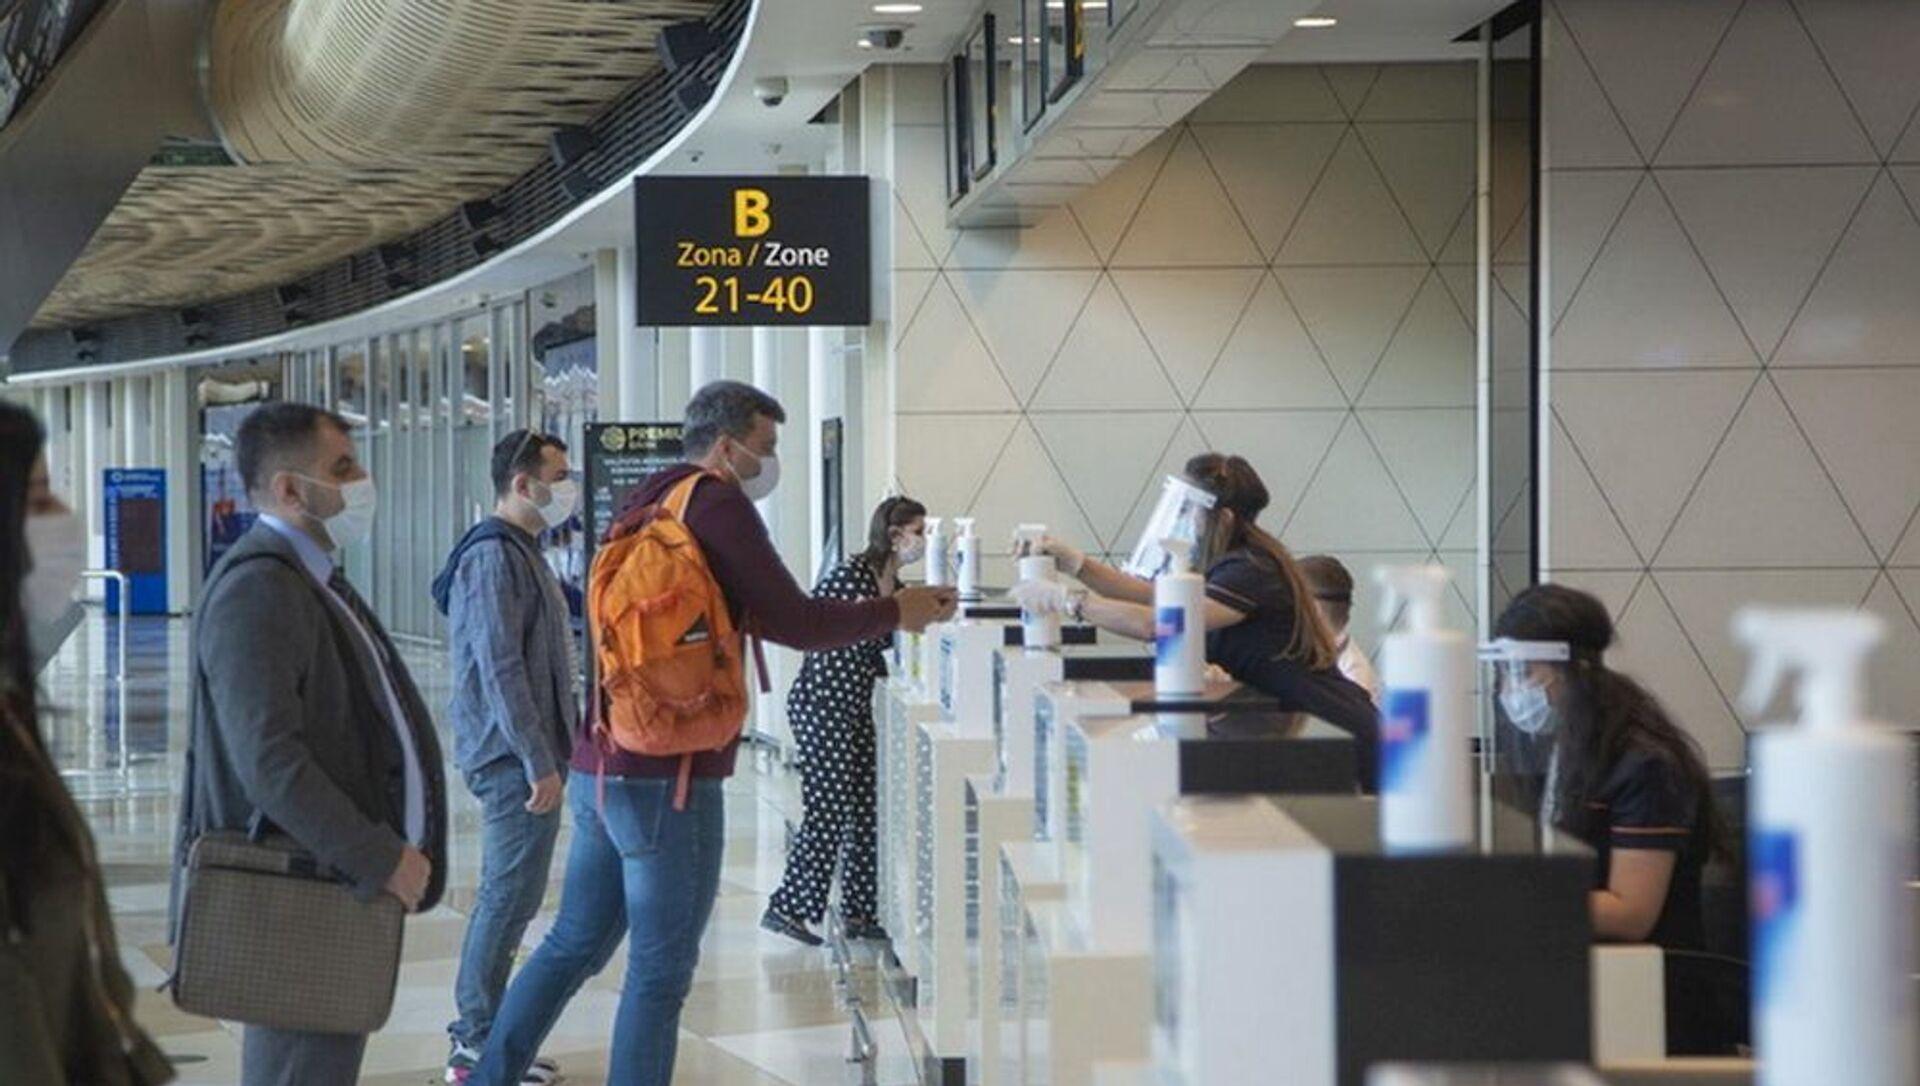 Стойка регистрации пассажиров в аэропорту Гейдар Алиев, фото из архива - Sputnik Азербайджан, 1920, 22.02.2021